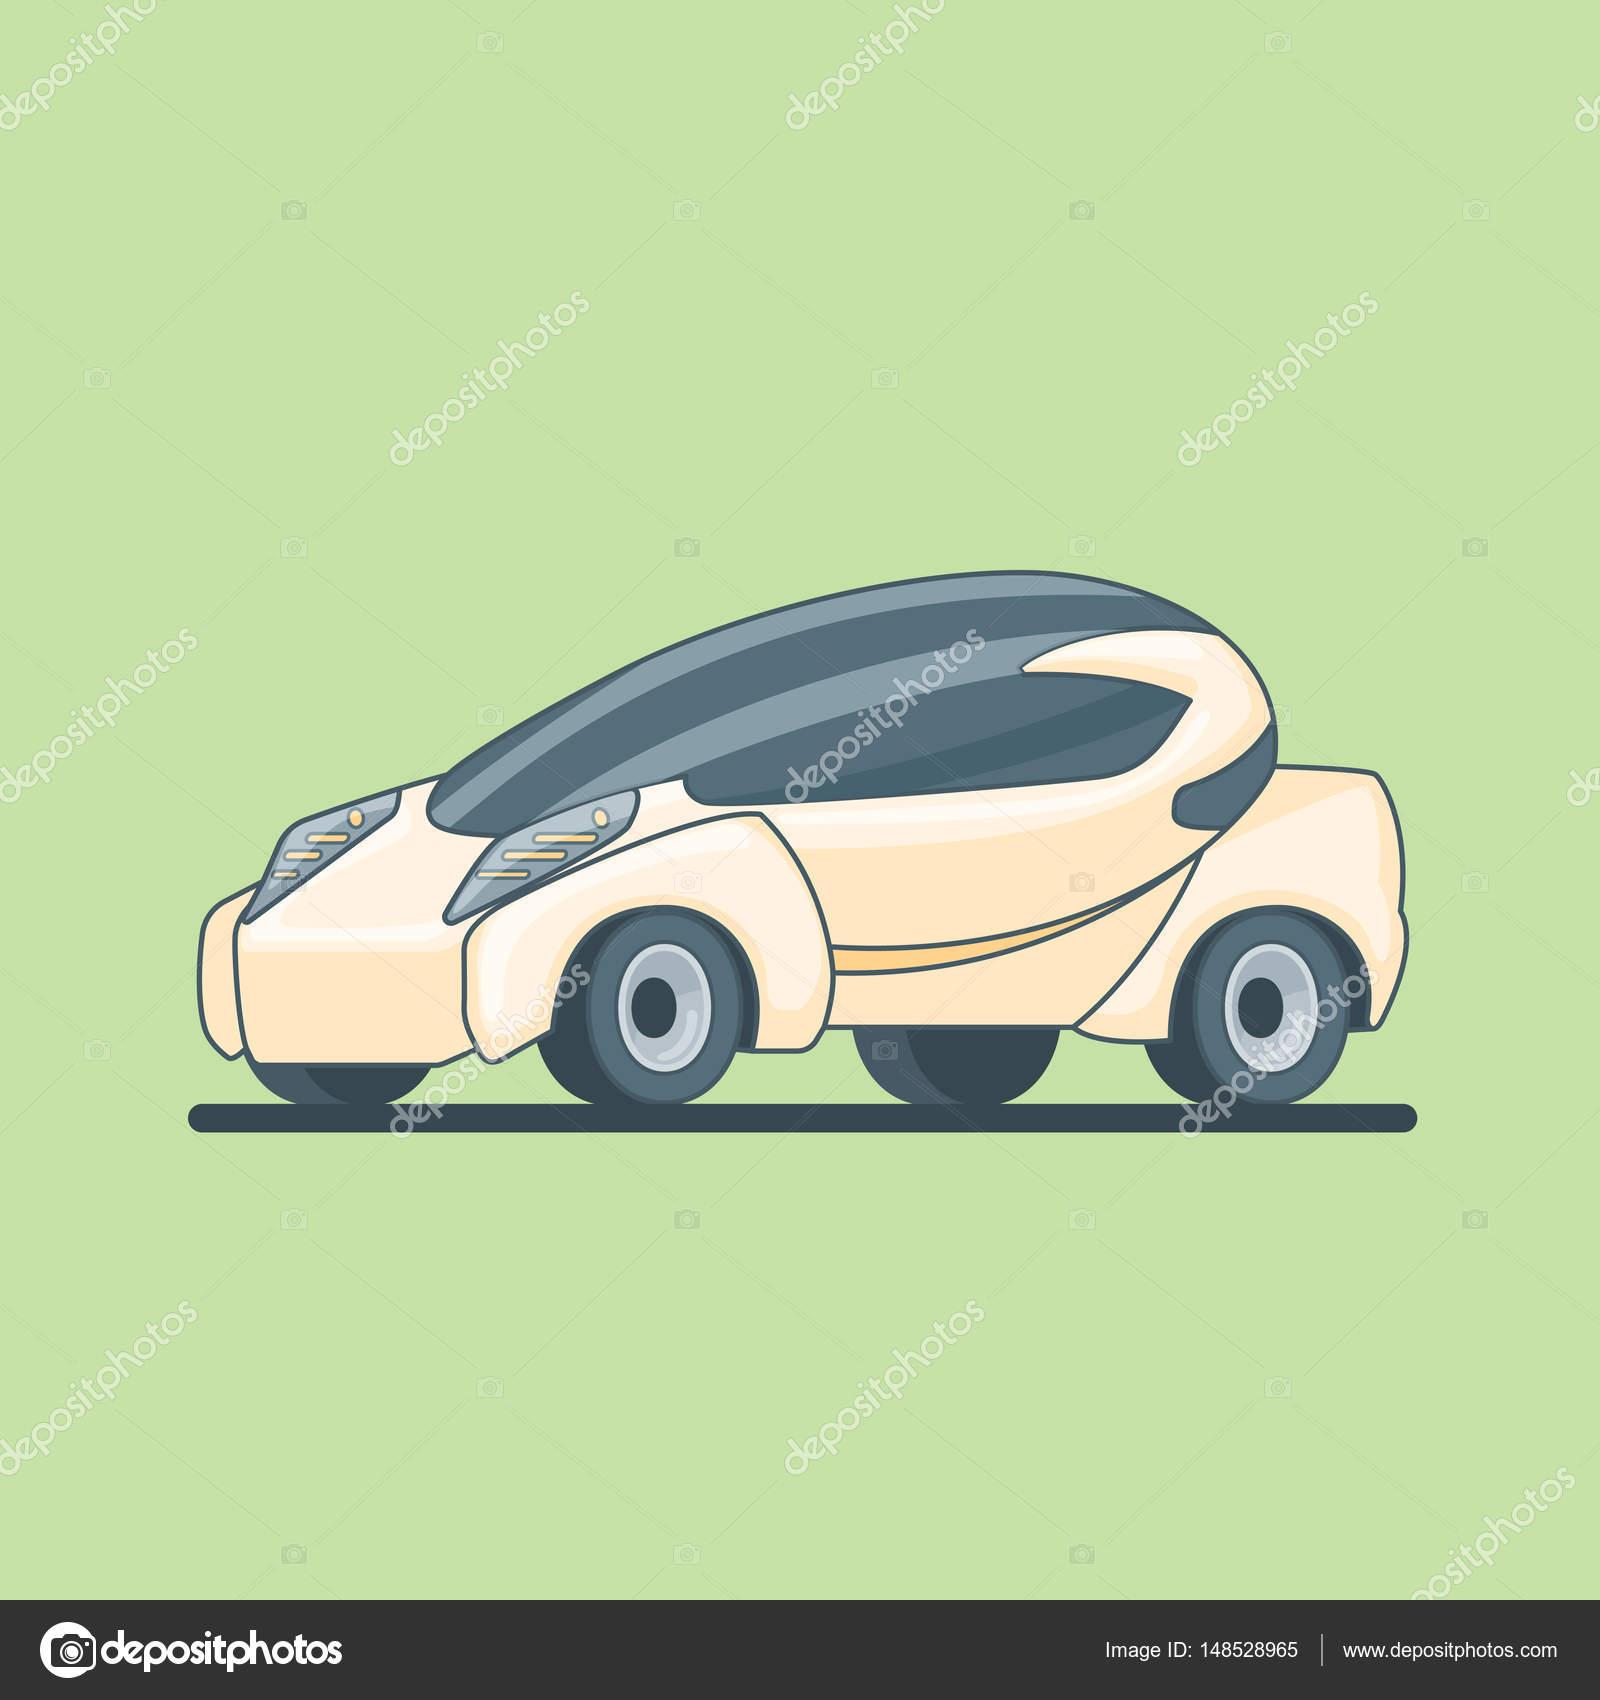 Schön Auto Design Vorlage Bilder - Beispielzusammenfassung Ideen ...